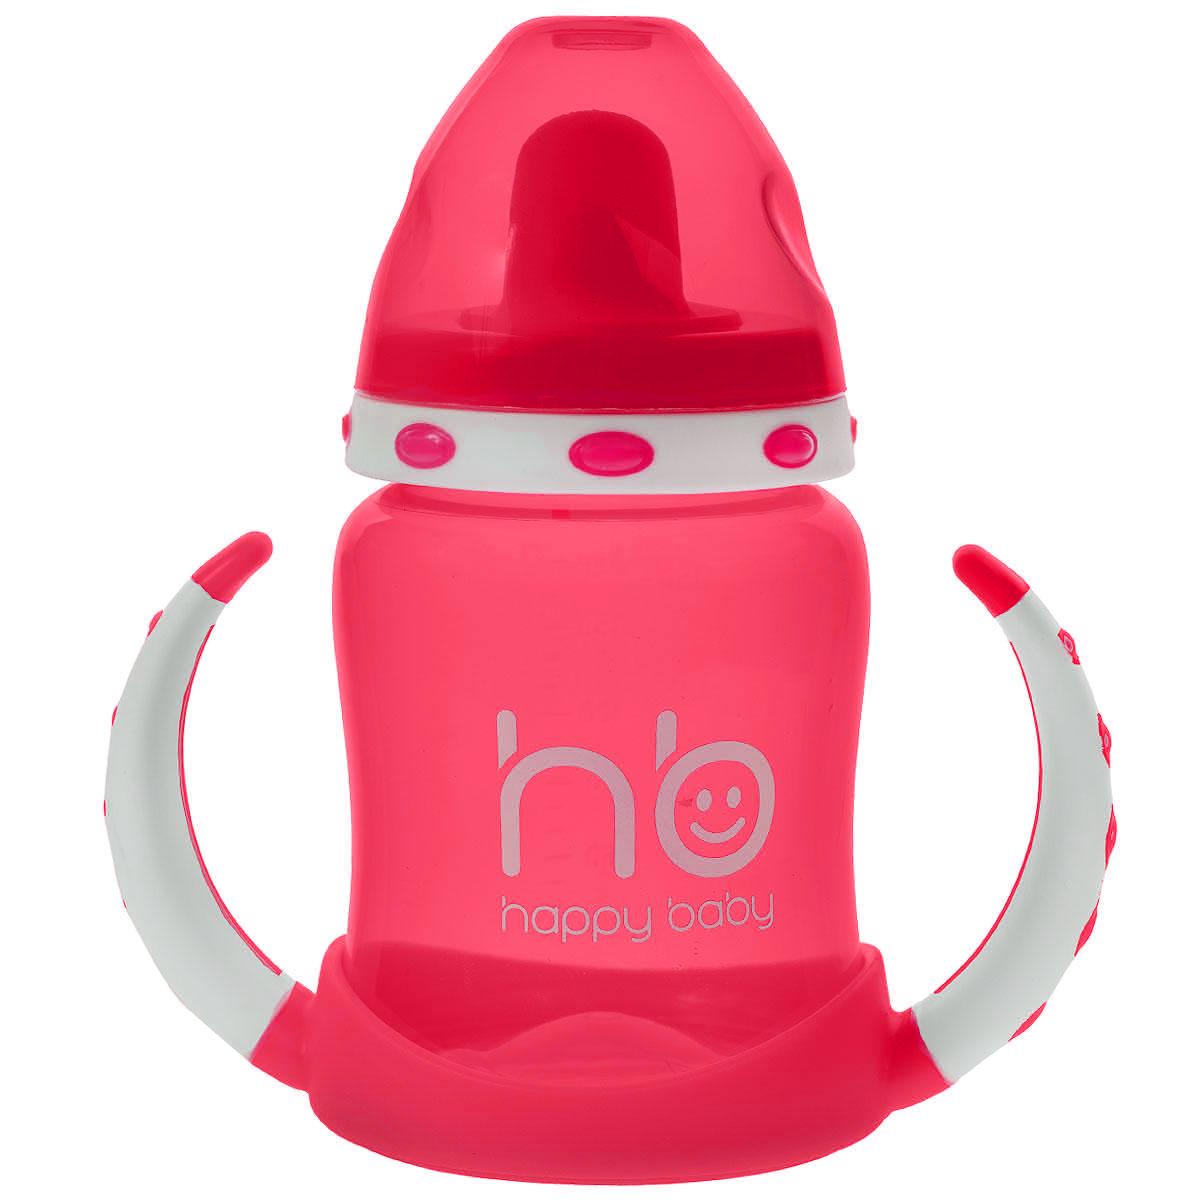 Поильник Happy Baby Ergo Cup, с двумя тренировочными клапанами, от 6 месяцев, цвет: малиновый, 180 мл